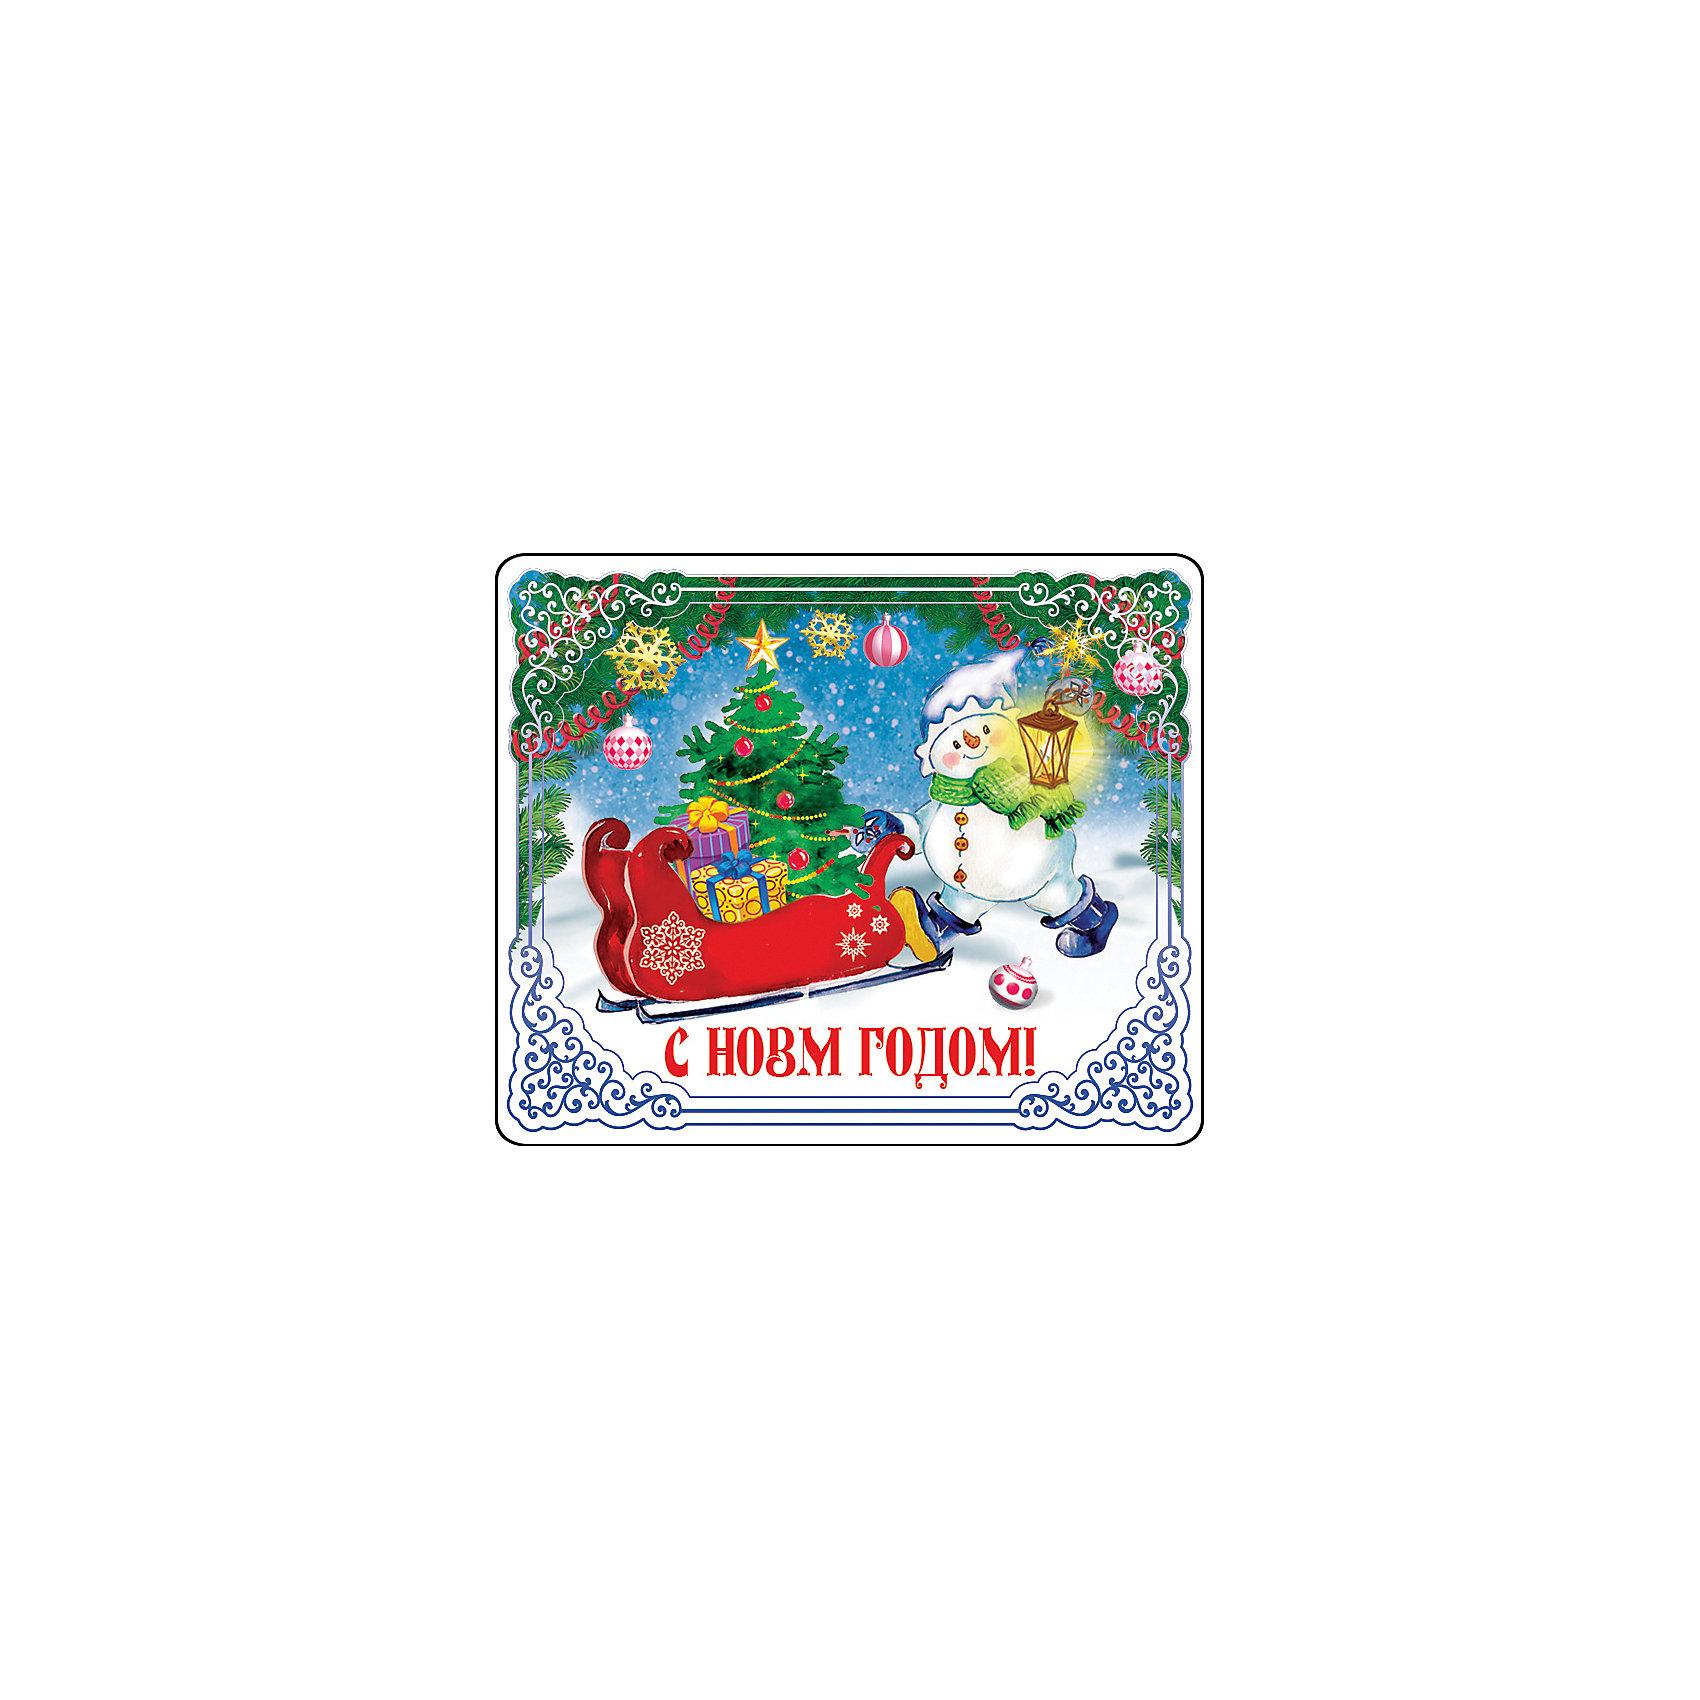 Магнит Снеговик с фонаремВсё для праздника<br>Магнит Снеговик с фонарем - впустите атмосферу зимы и праздников в ваш дом! С этим подарочным магнитом так весело наряжать дом и радовать близких. Небольшой прямоугольный магнитик с закругленными углами смотрится как полноценная небольшая картинка. На магните изображен озорной снеговичок с фонариком и санями, полными подарков для детишек. Устройте сюрприз вашим близким!<br>Дополнительная информация:<br><br>- Размер: 5 * 6 см.<br>- Материал: агломеррированный феррит<br>Магнит Снеговик с фонарем можно купить в нашем интернет-магазине.<br>Подробнее:<br>• Для детей в возрасте: от 3 лет<br>• Номер товара: 4981499<br>Страна производитель: Китай<br><br>Ширина мм: 100<br>Глубина мм: 100<br>Высота мм: 10<br>Вес г: 150<br>Возраст от месяцев: 36<br>Возраст до месяцев: 2147483647<br>Пол: Унисекс<br>Возраст: Детский<br>SKU: 4981499